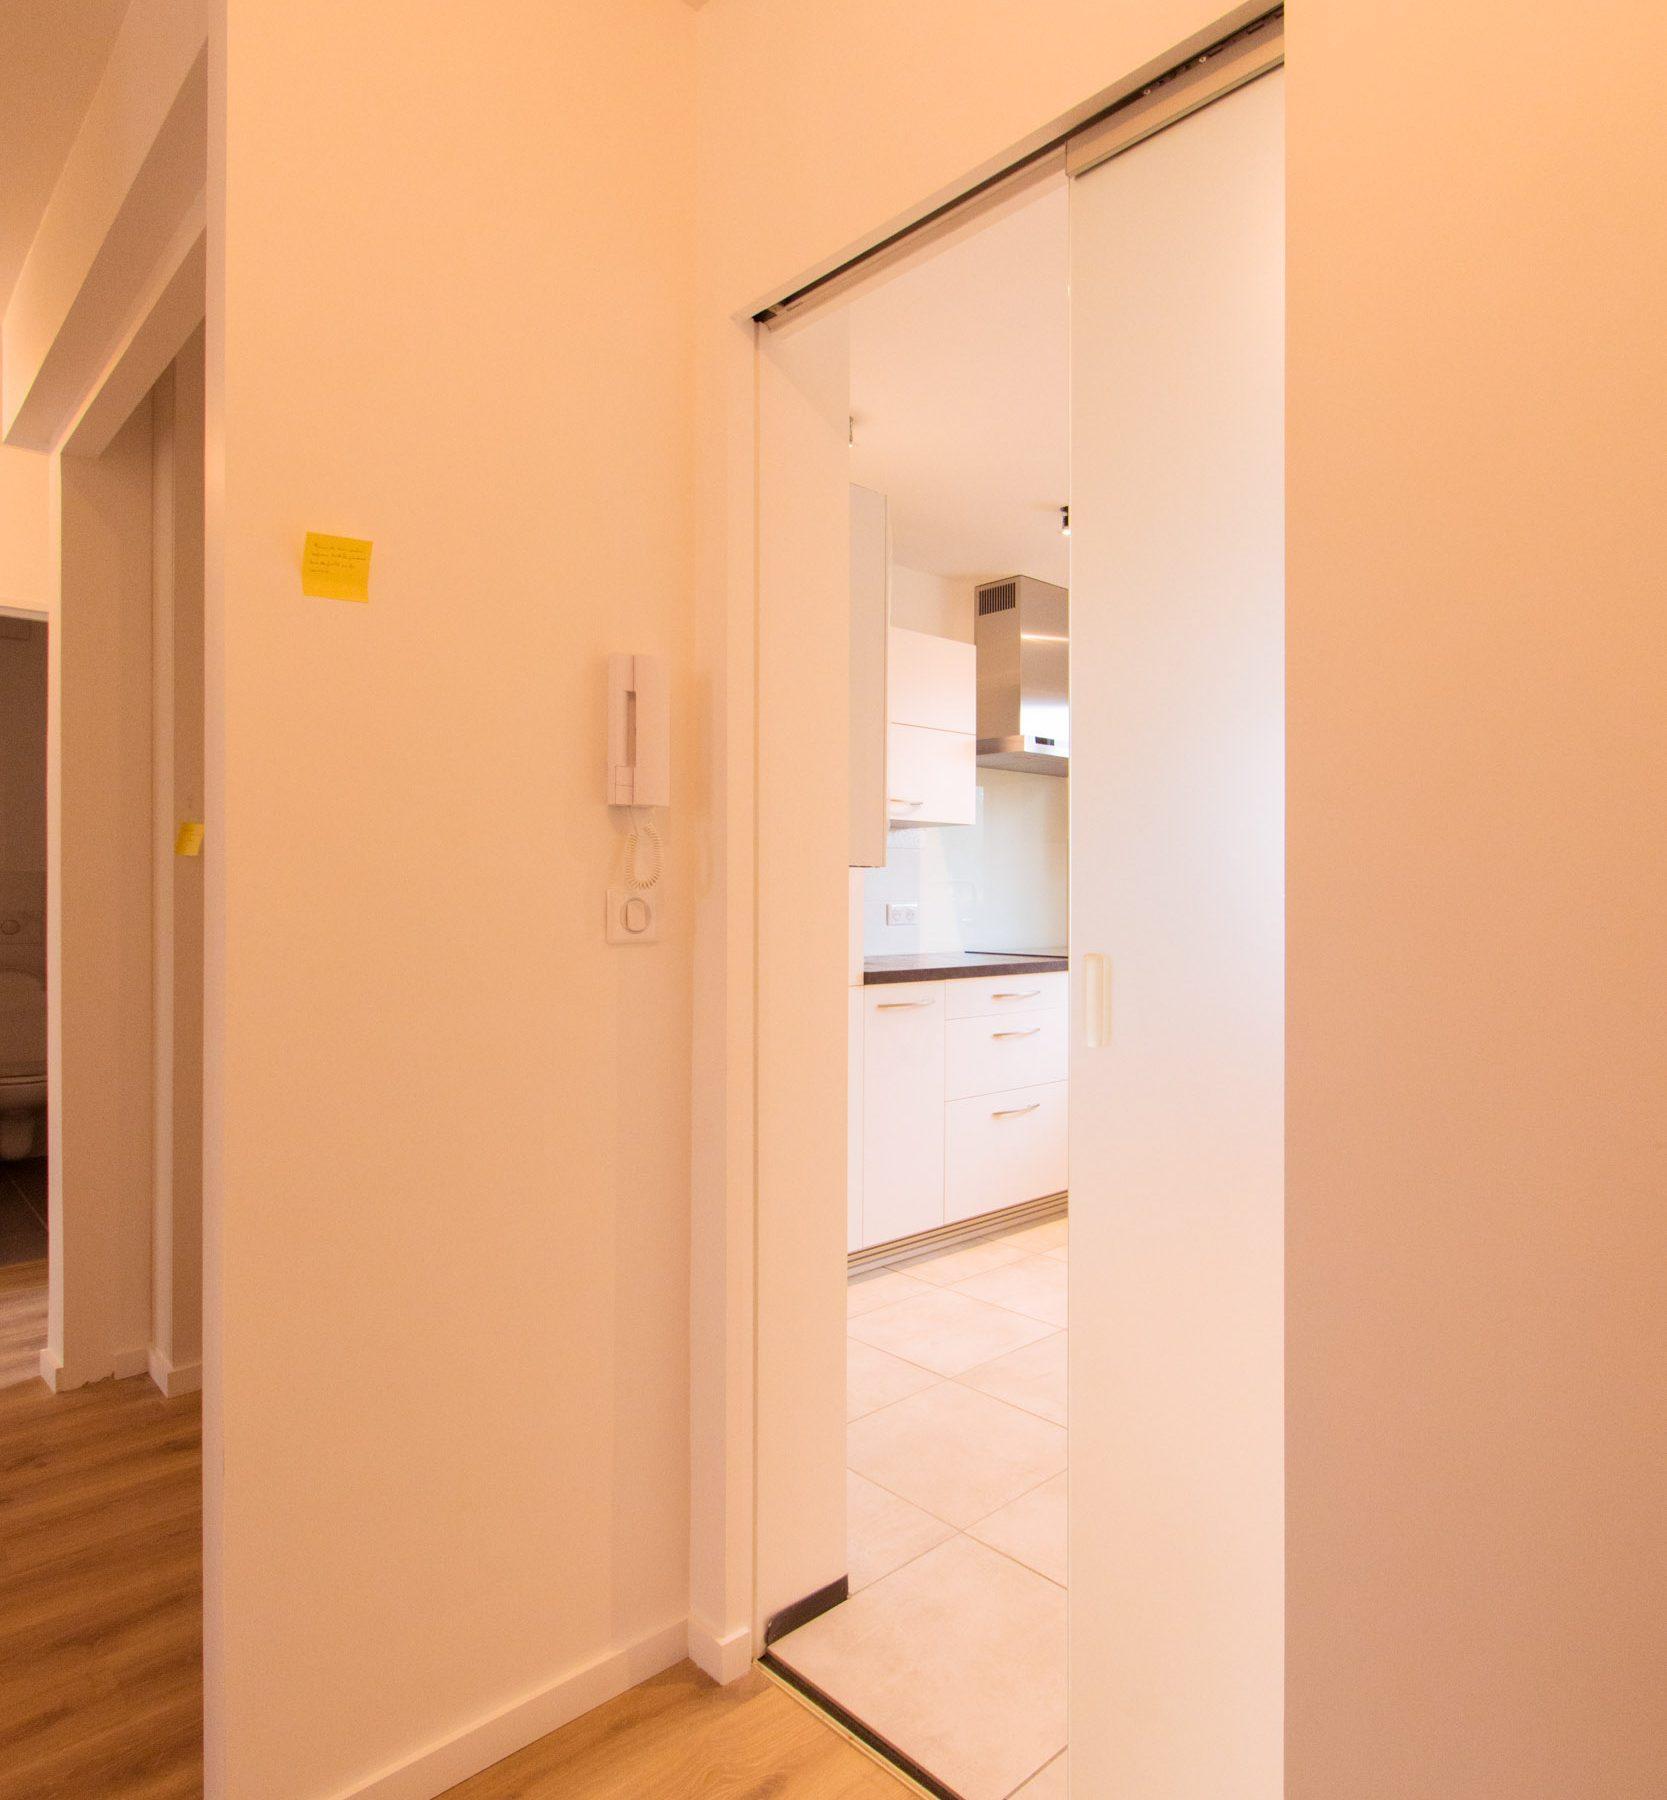 Architecte-dintérieur-Décorateur-Quimper-Rénovation-appartement-cuisine-salle-de-bain-porte-à-galandage-en-verre-9272-1667x1800